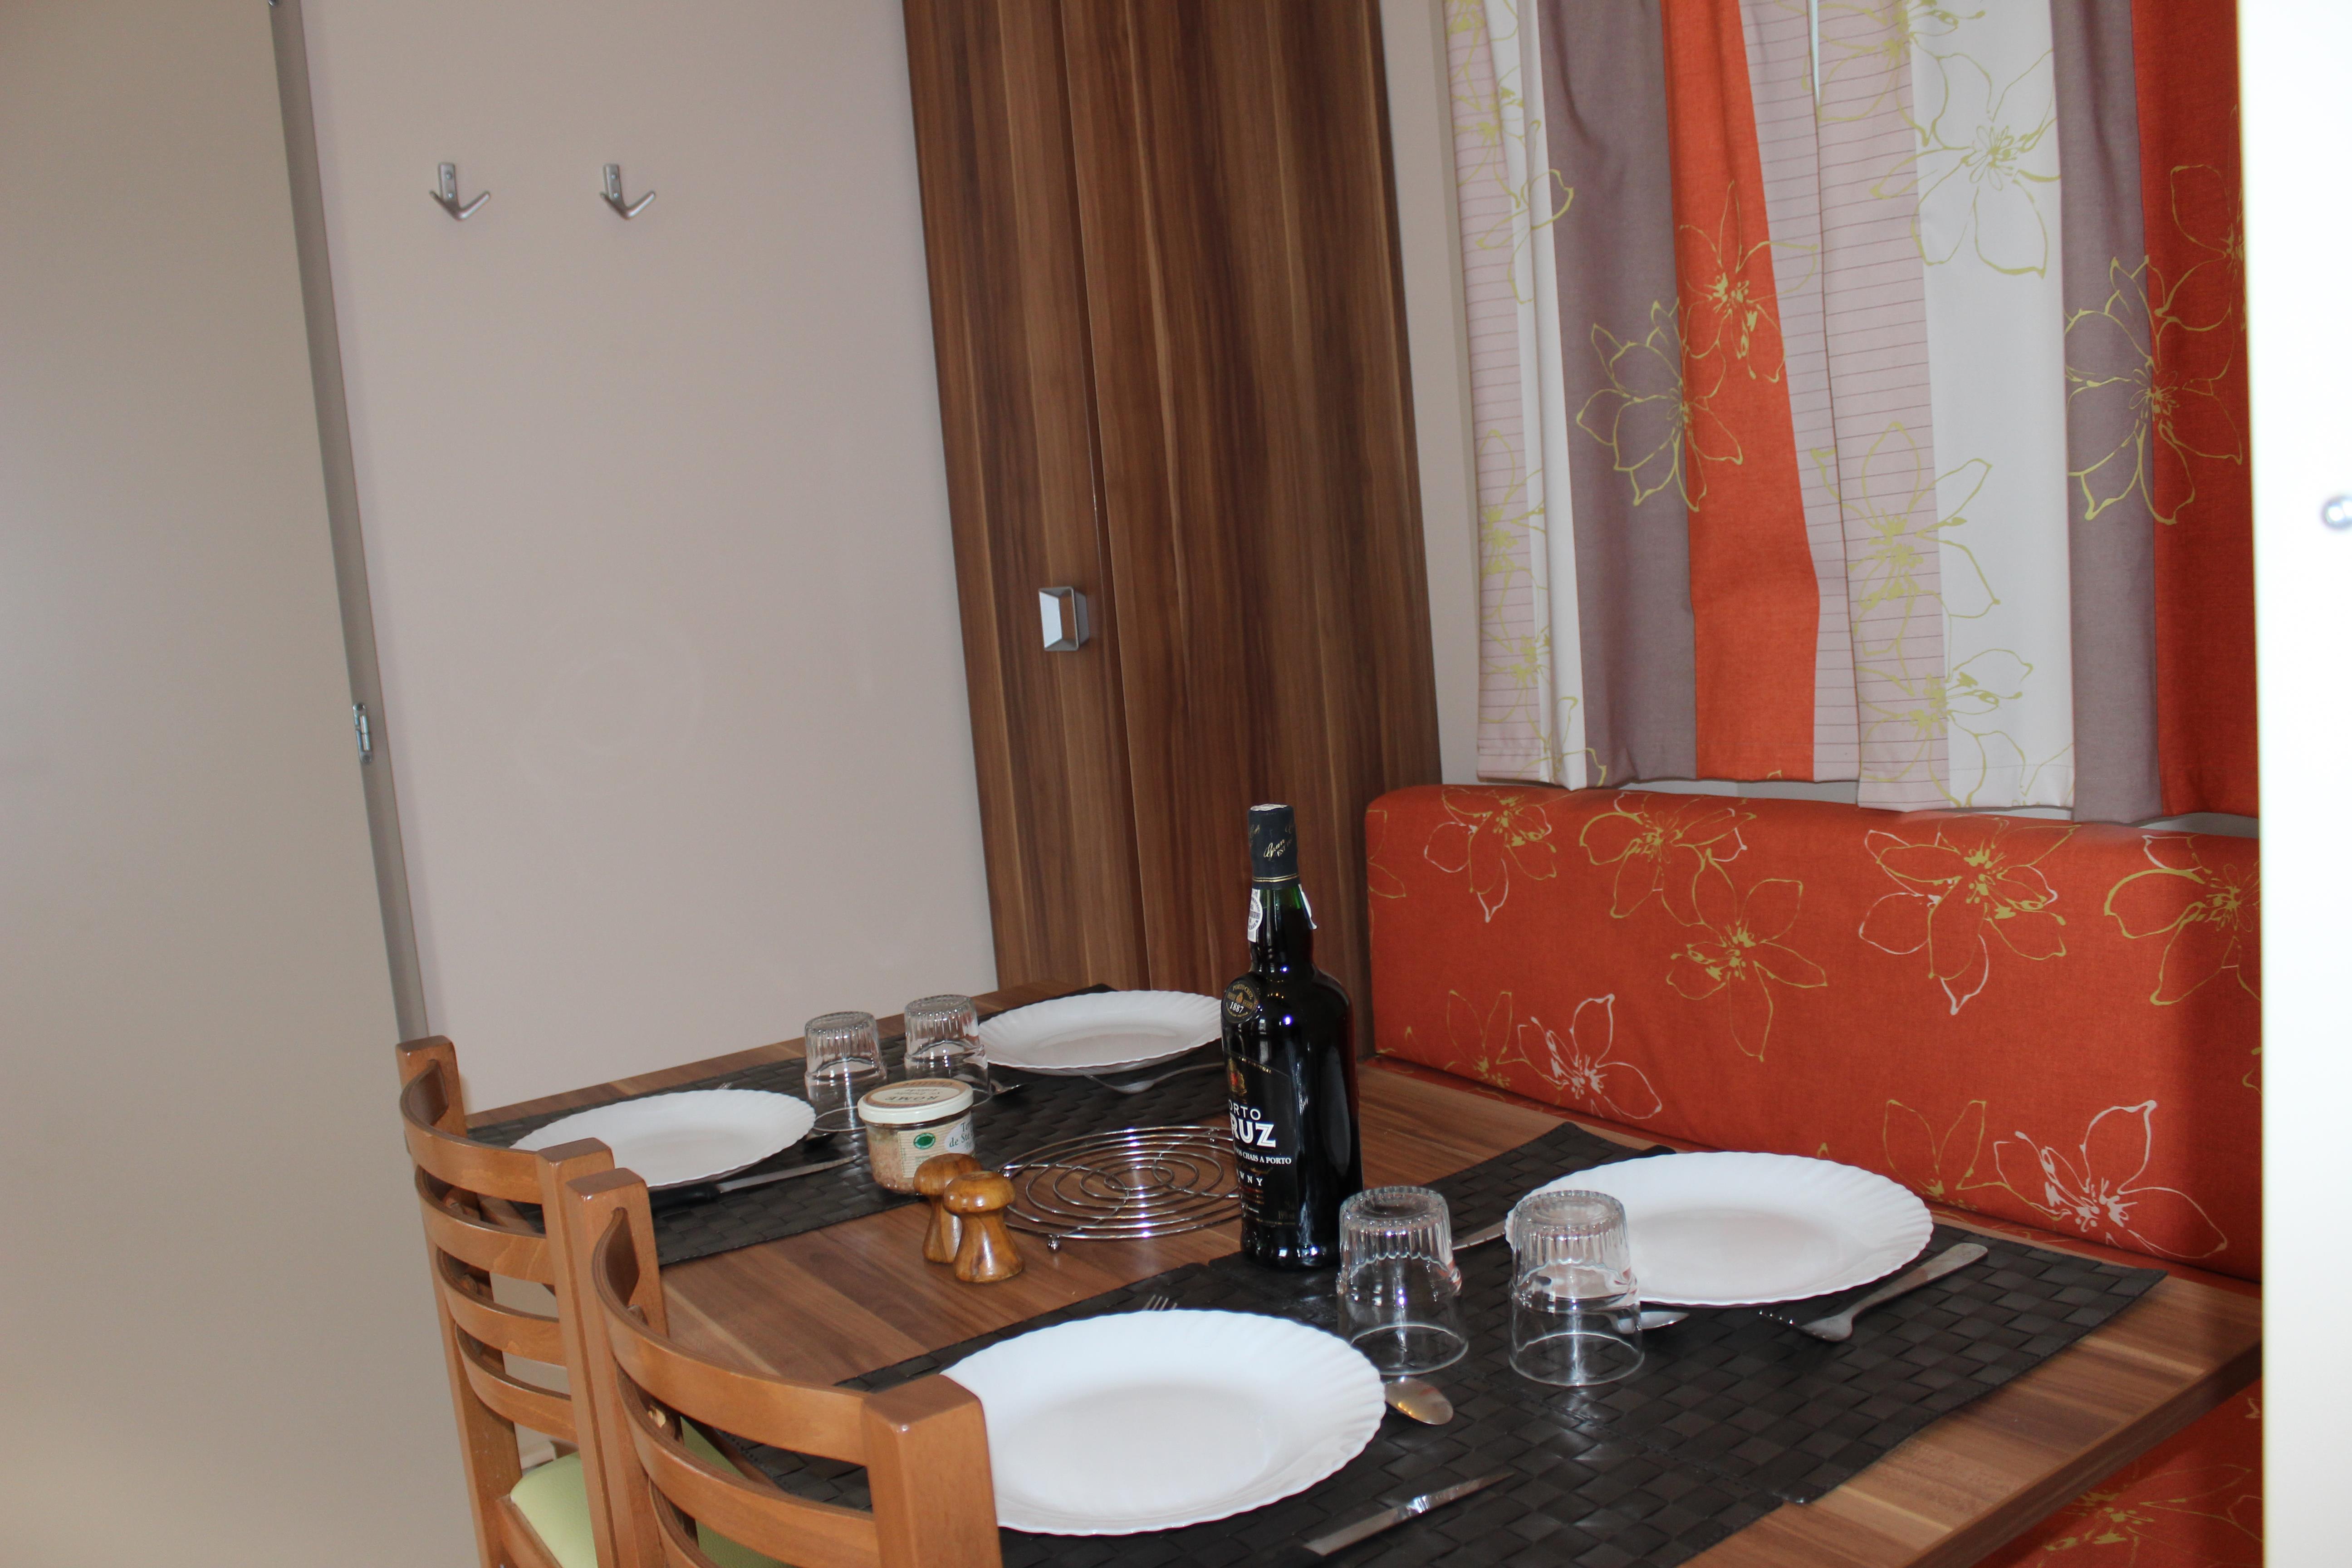 Location - Sunêlia Confort Natura 2 Chambres - Camping Sunêlia Le Ranc Davaine